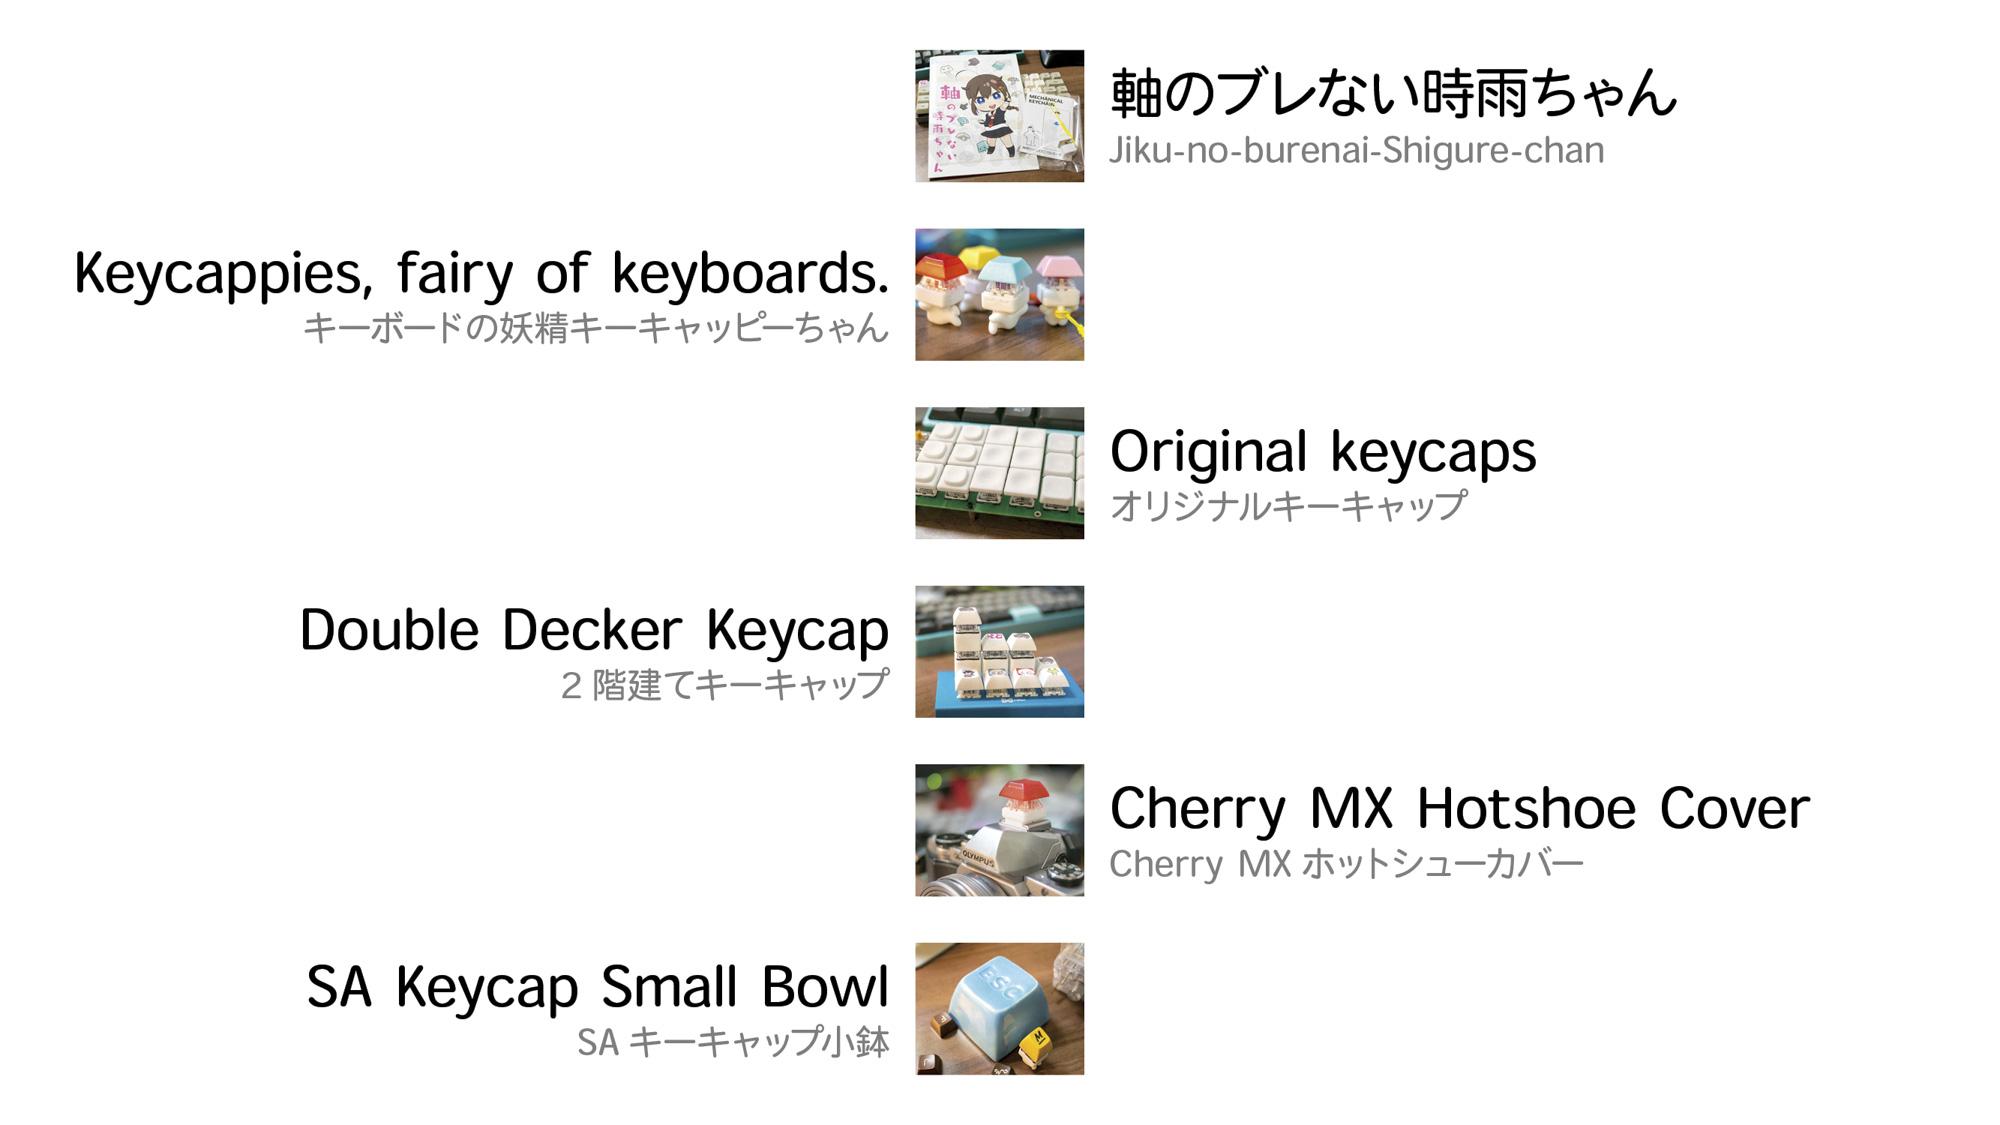 Tokyomk4 romly.com slide 03